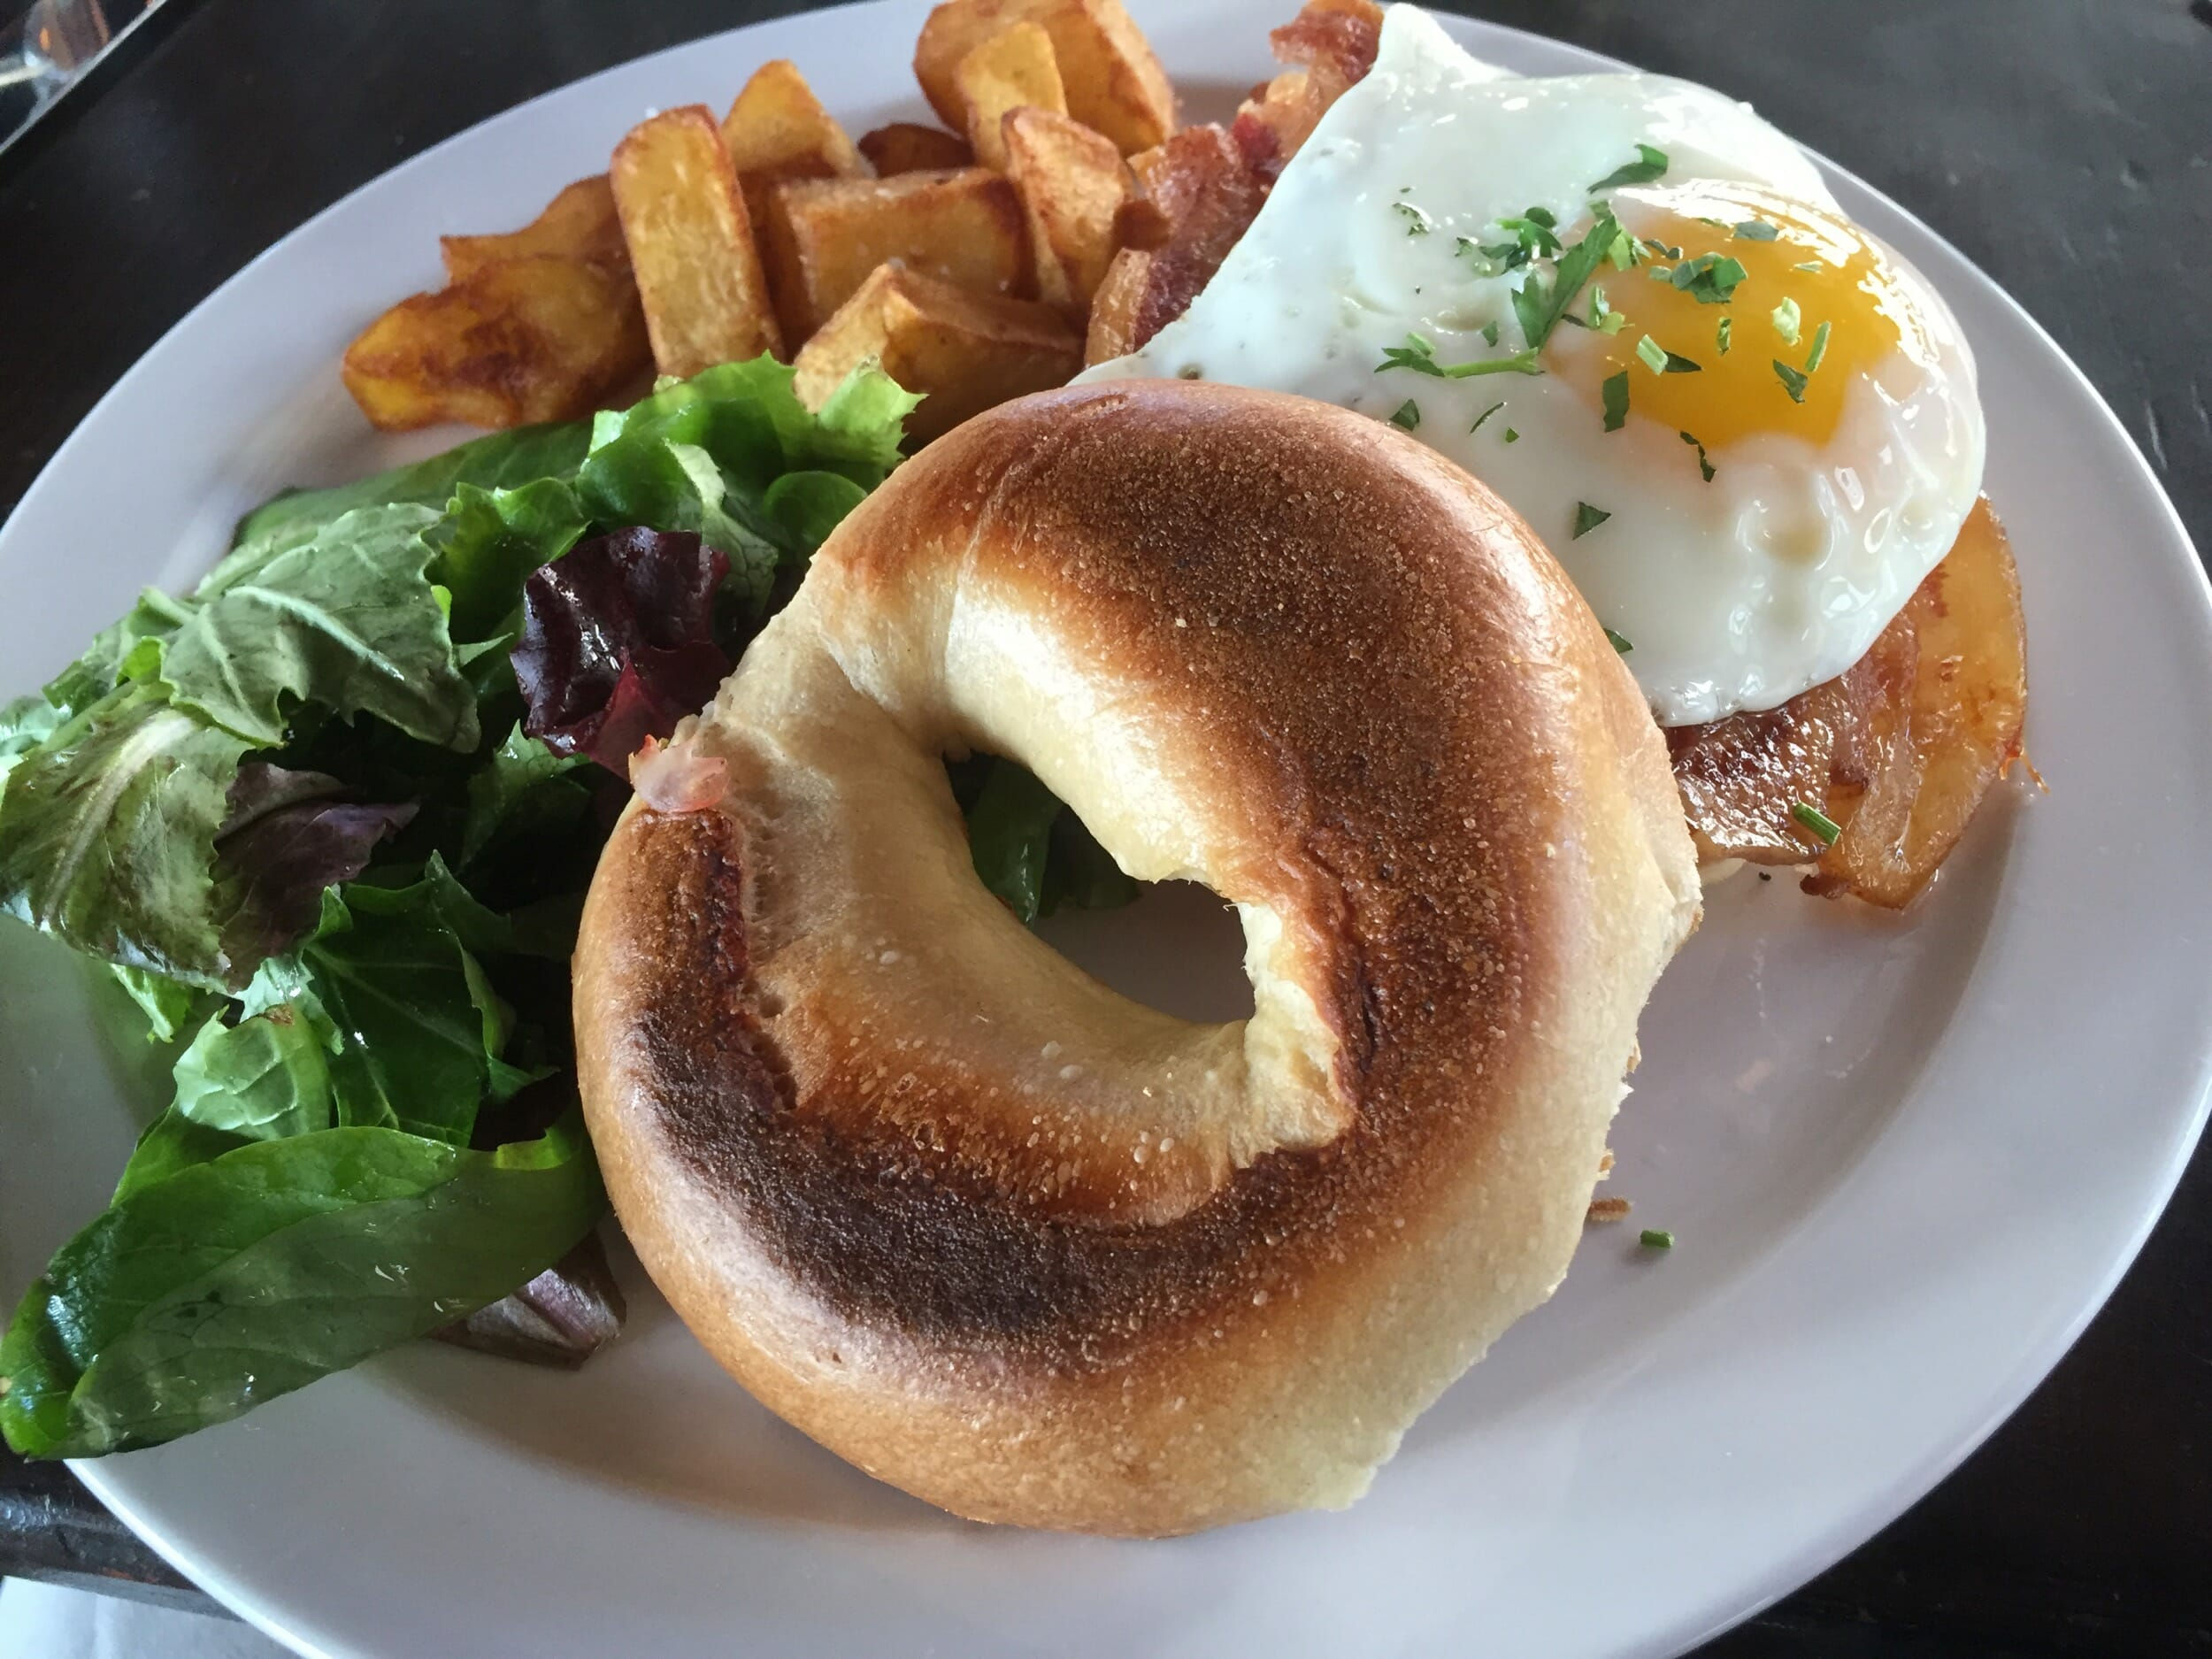 Breakfast at Kansas City Restaurant